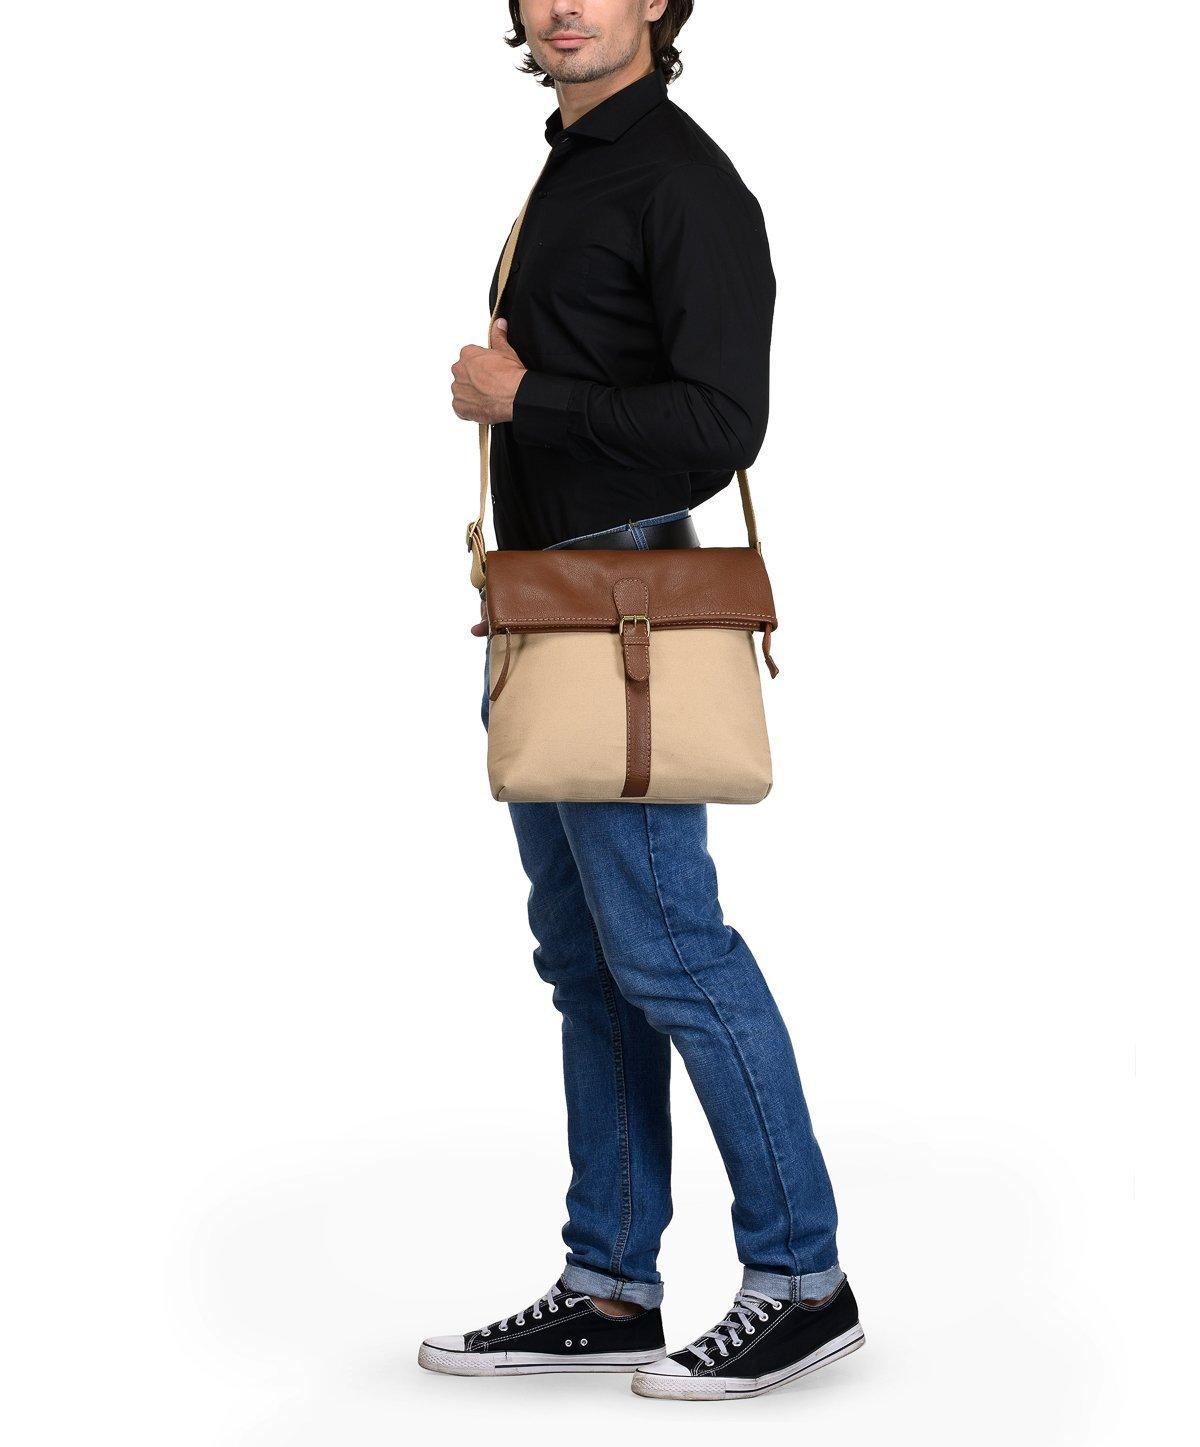 Phive Rivers Men's Leather Messenger Bag (Khaki)